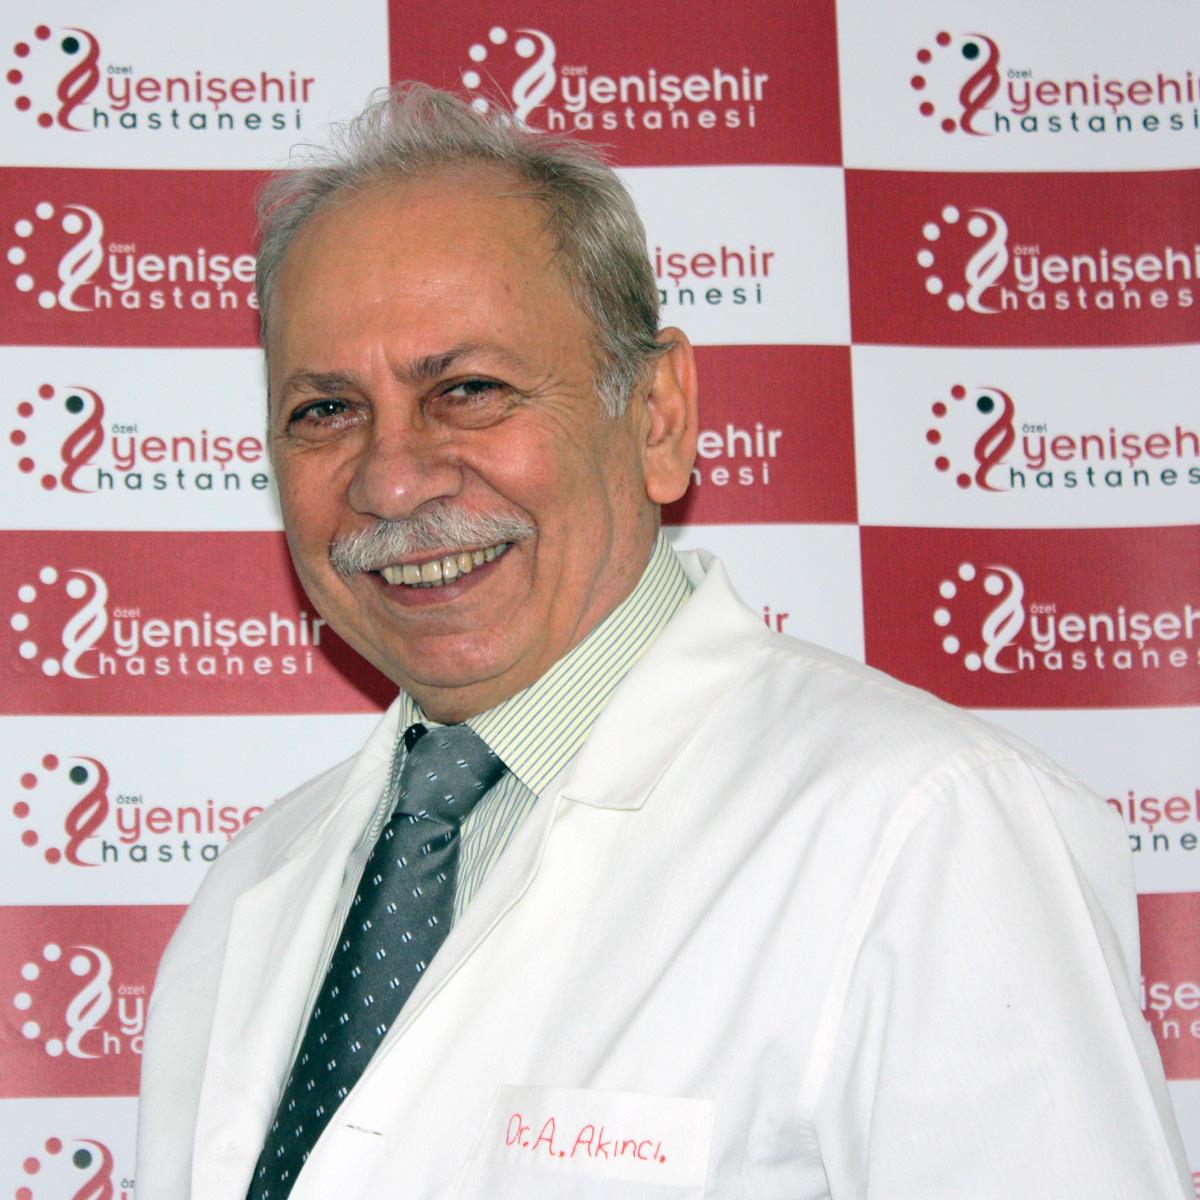 Op. Dr. Adnan AKINCI